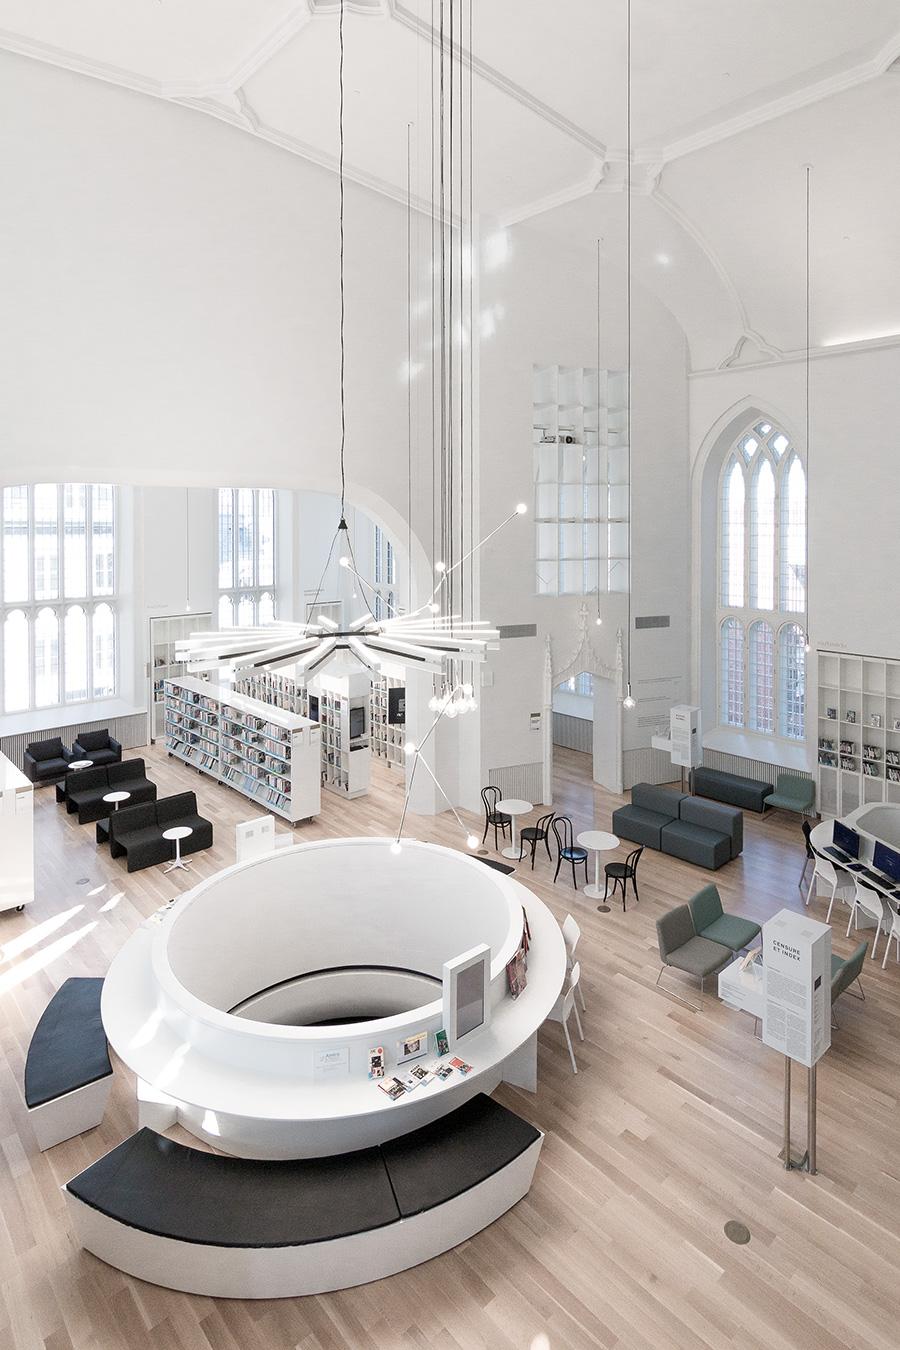 Maison litterature quebec city renovation architecture